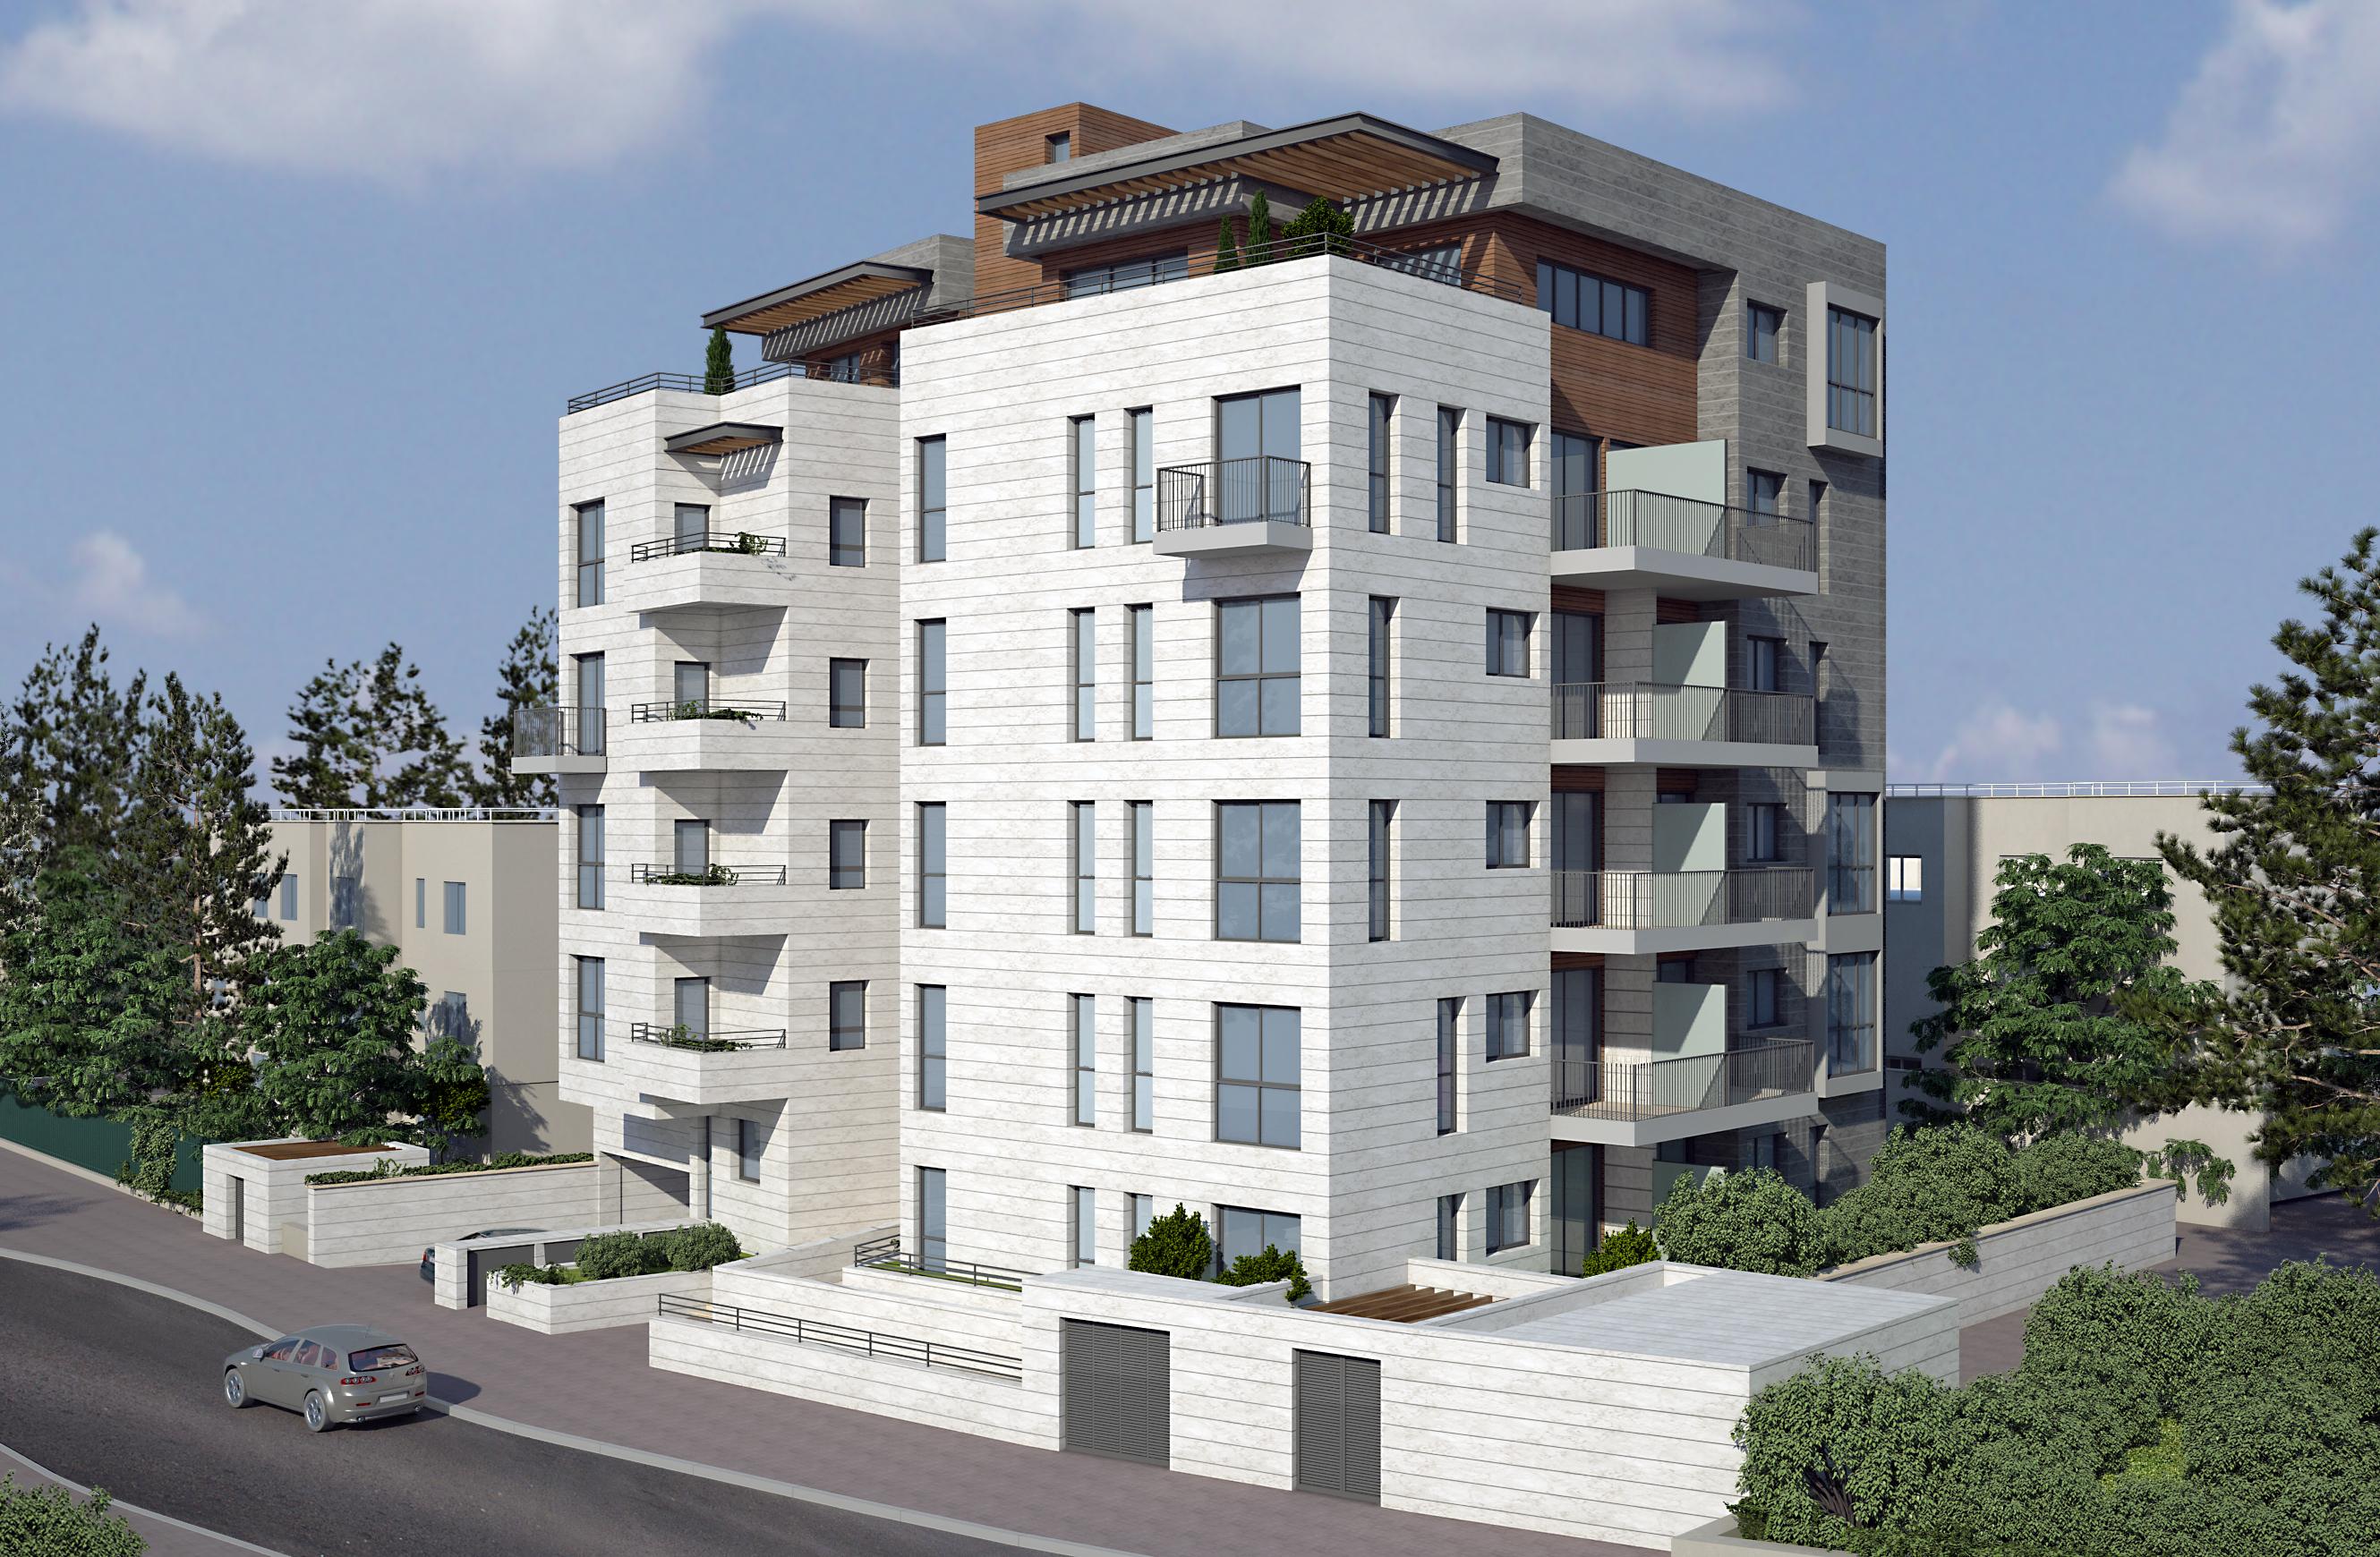 מעולה  למכירה מגרש לבנייה רוויה בירושלים - אשרובילד AshroBuild VN-98